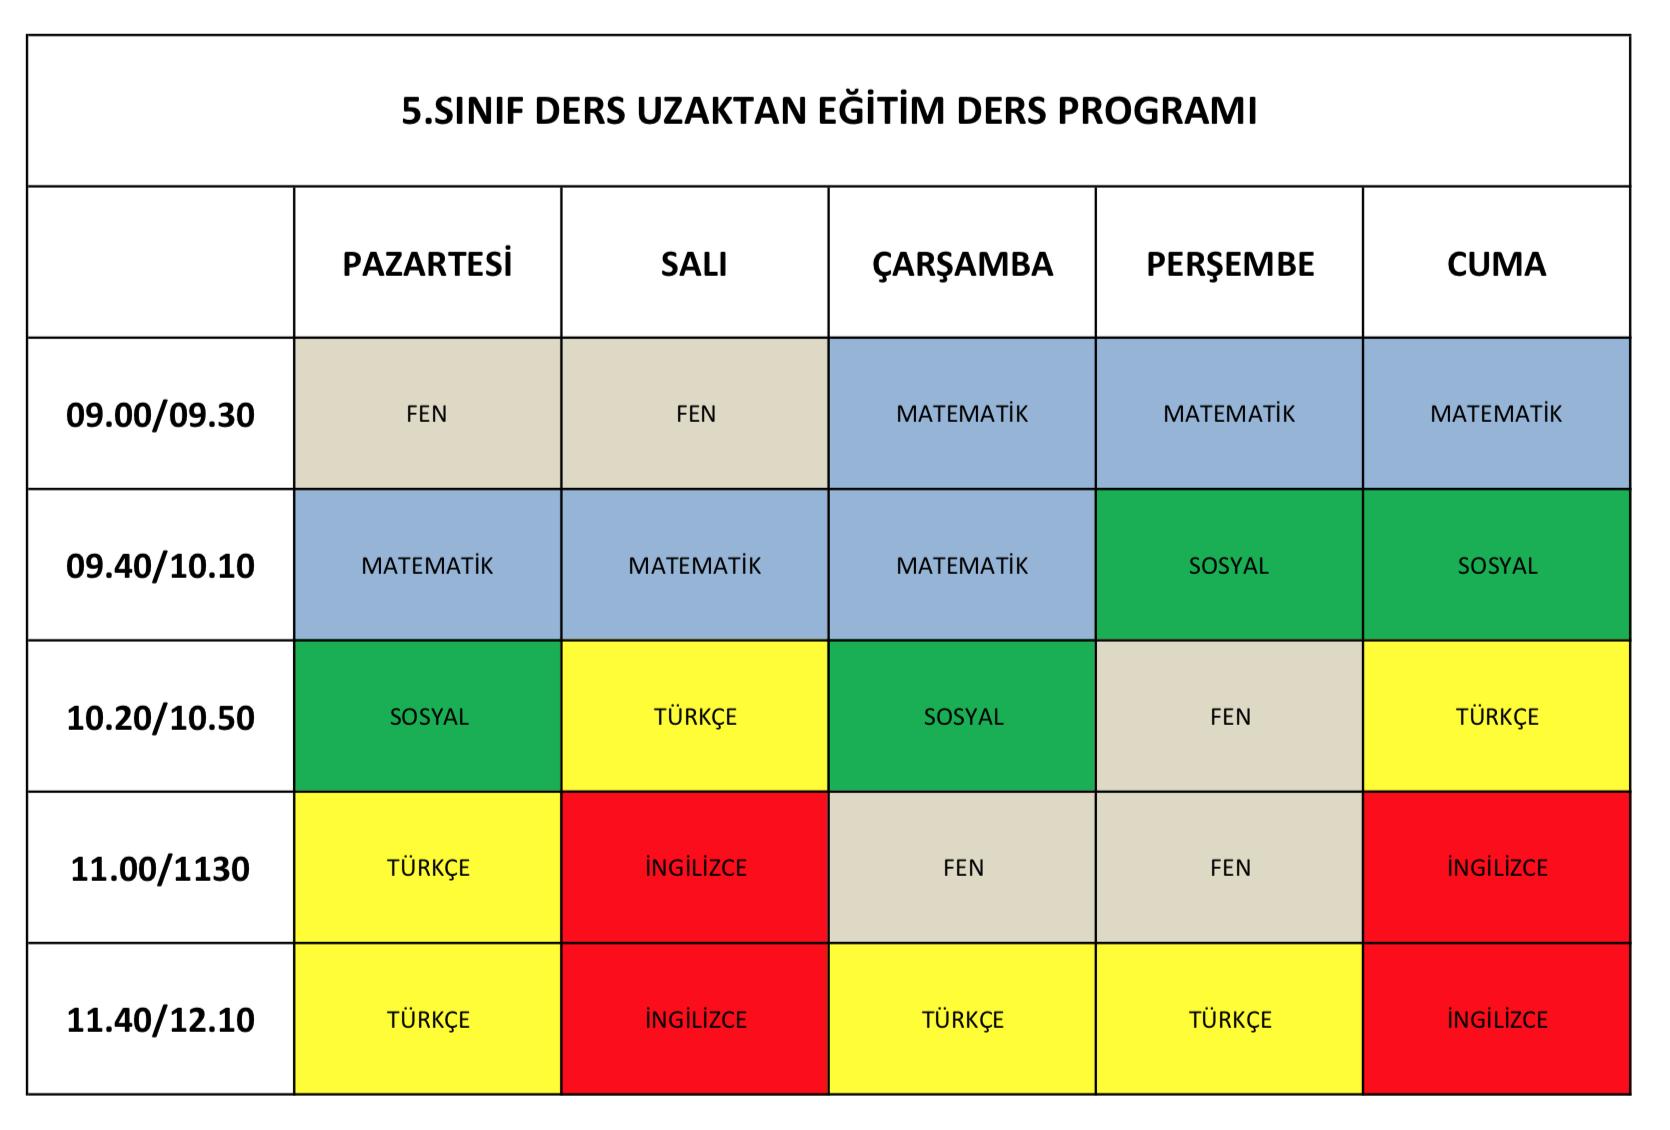 Etkin Kolej   Eskişehir Etkin Kolej Online Eğitim Canlı Ders Programı